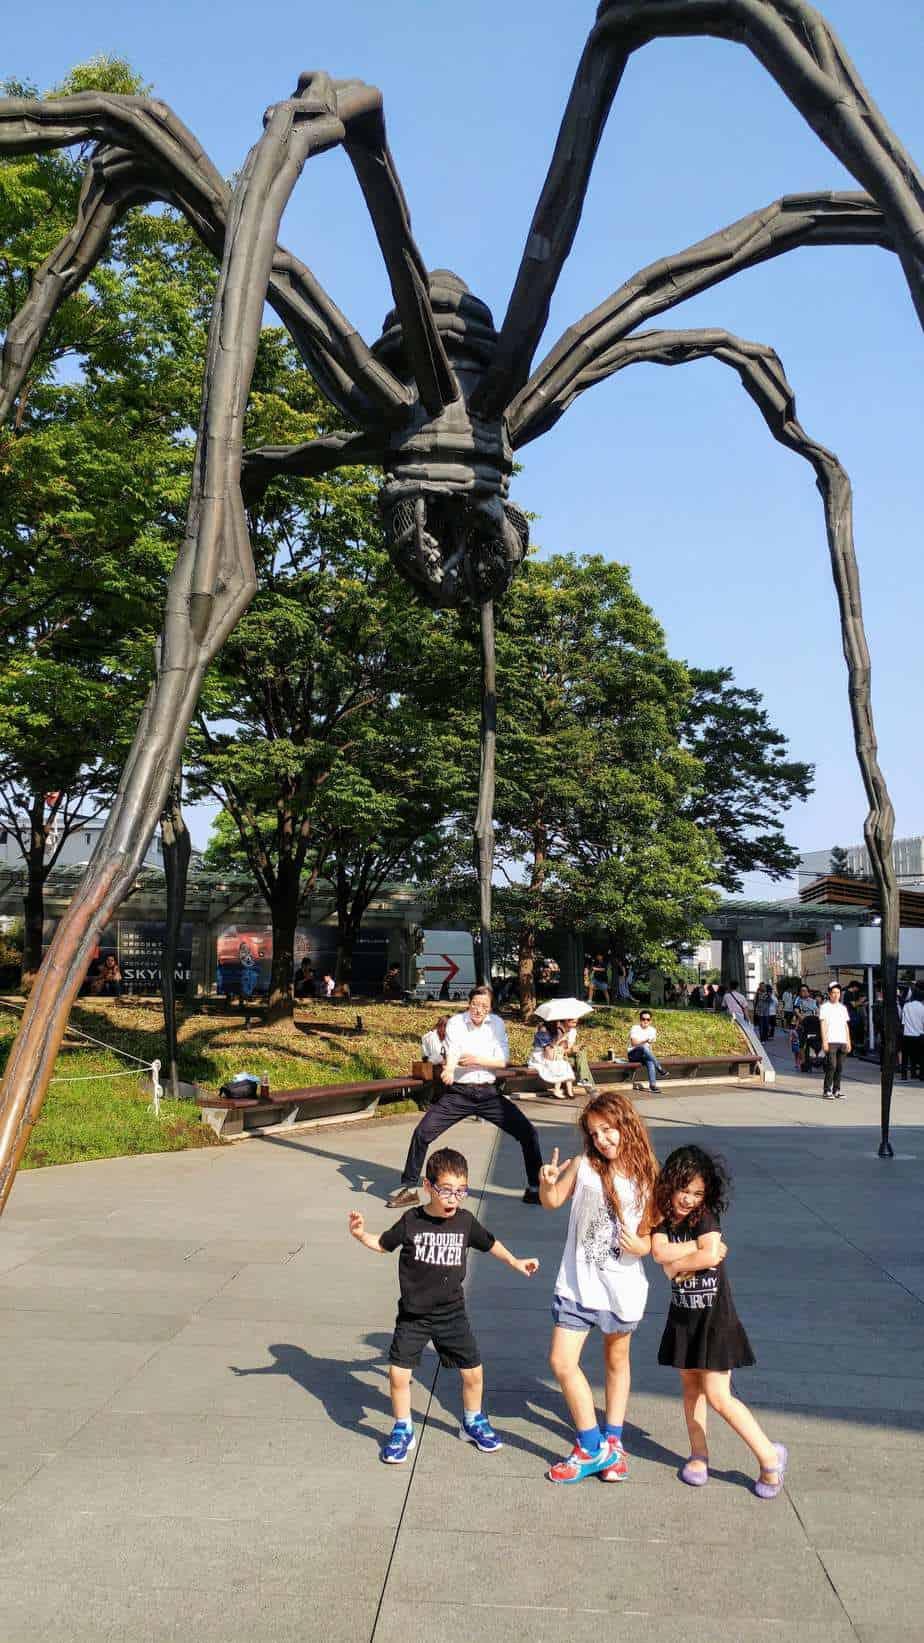 טוקיו עם ילדים - העכביש ברופונגי Roppongi